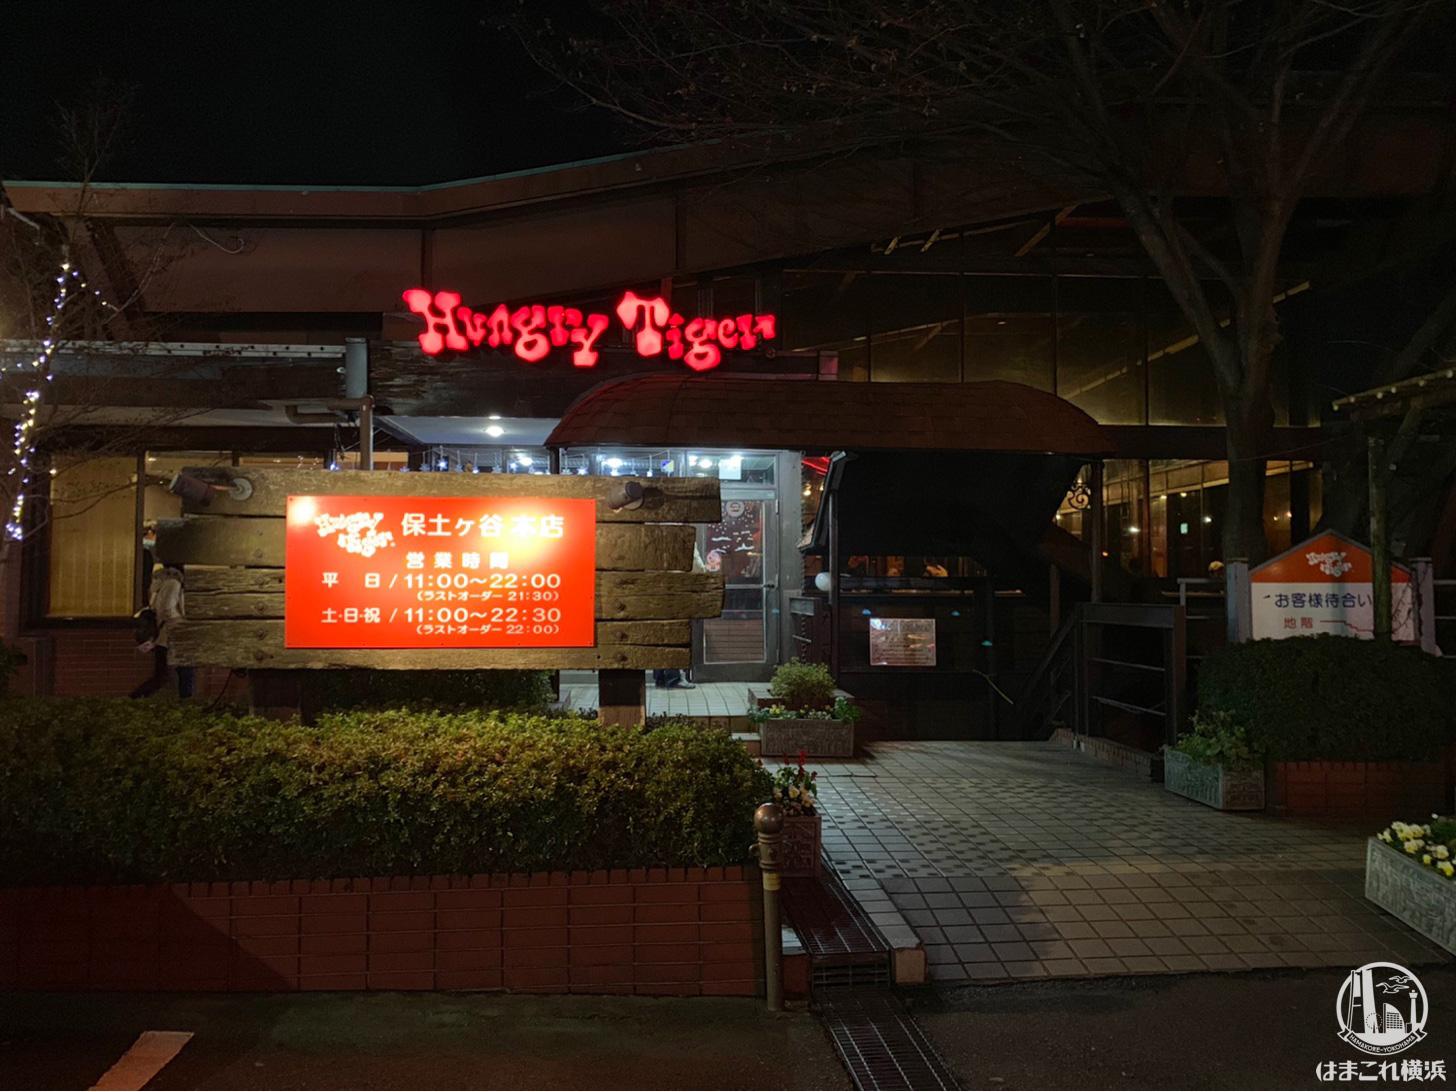 ハングリータイガー 保土ヶ谷本店